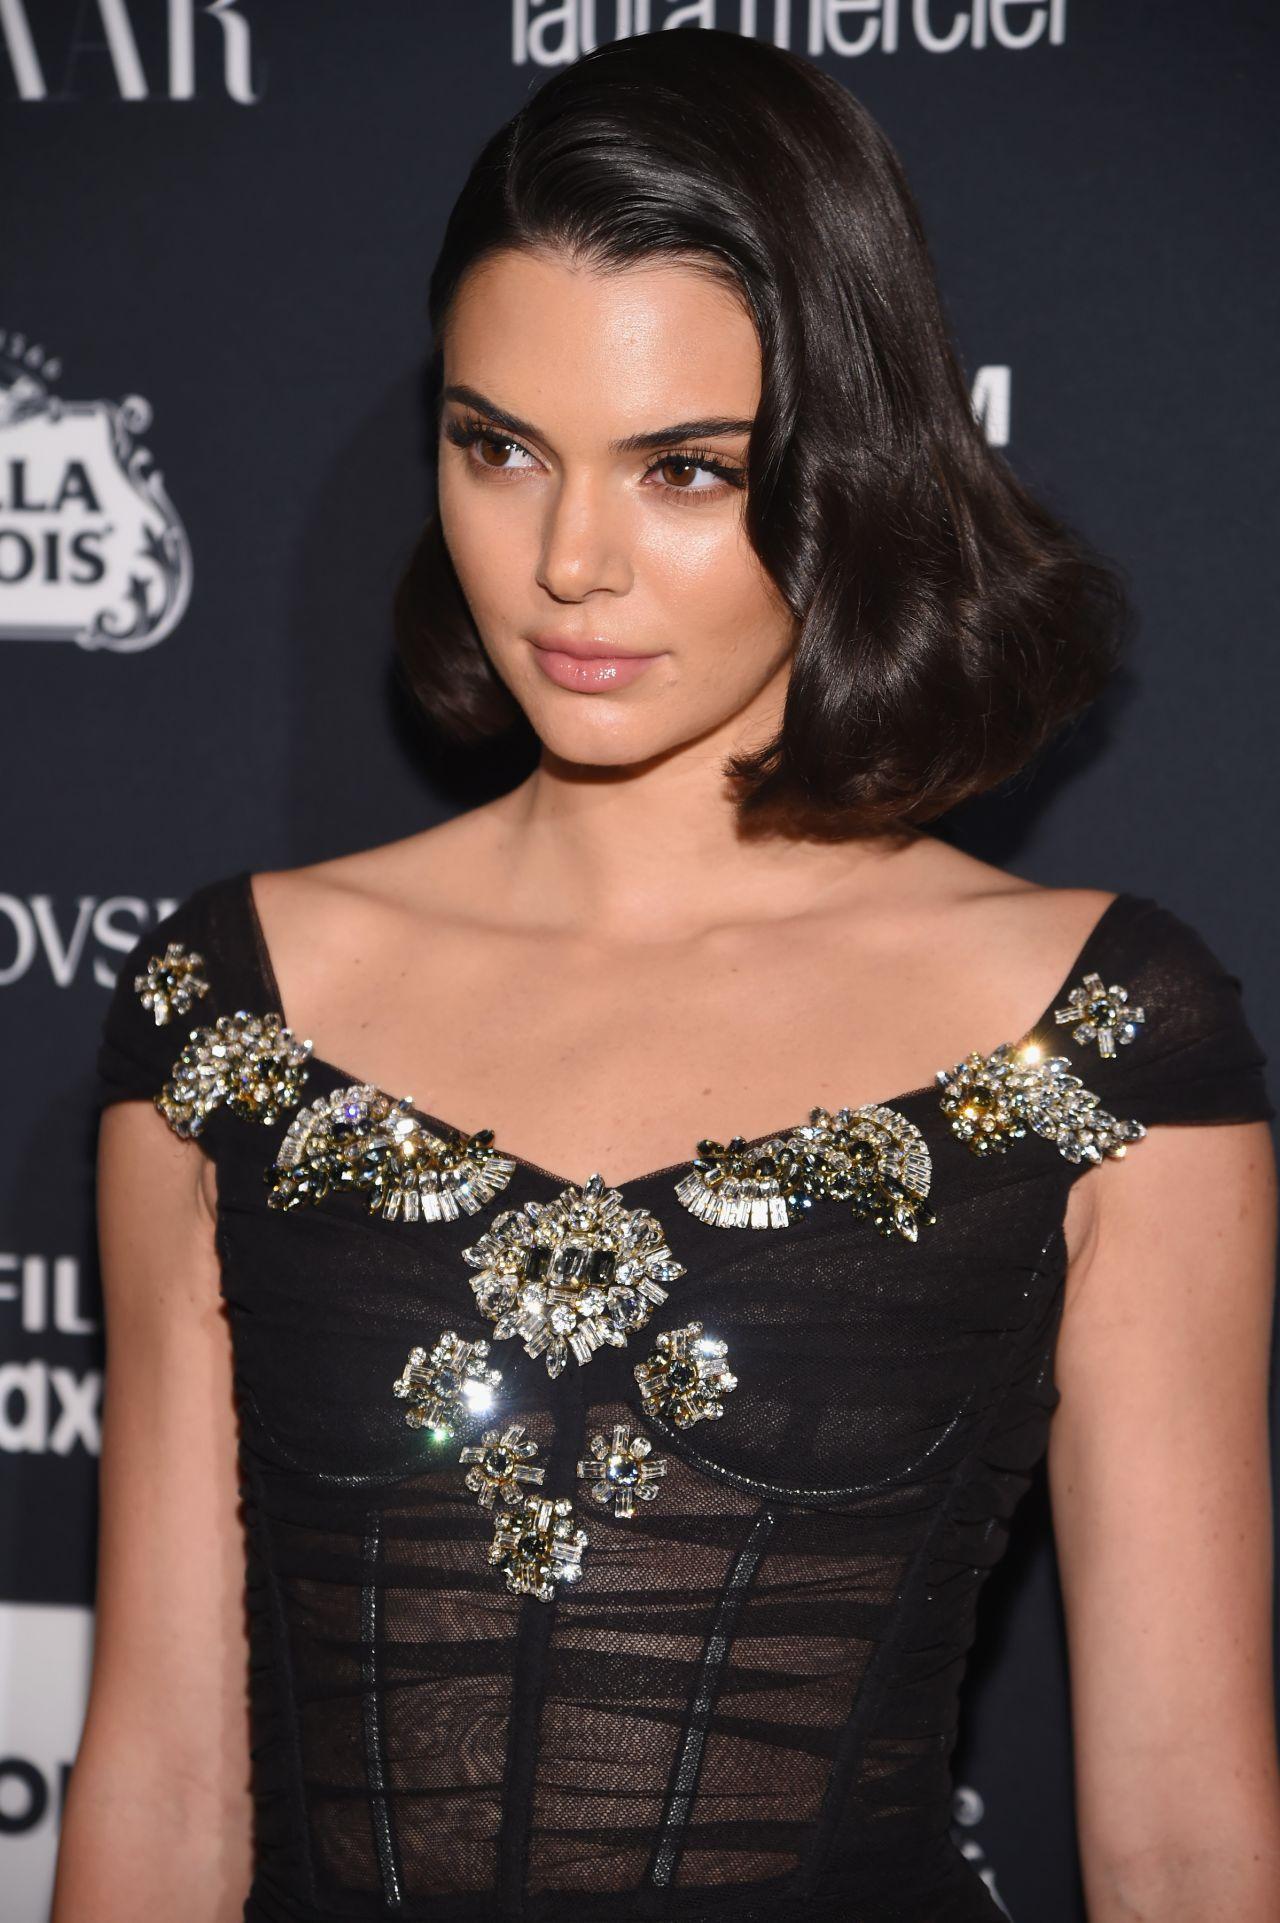 Güzel ve başarılı model Kendall Jenner sexy siyah elbisesi ile herkesi büyüledi. HD foto galeriyi görüntülemek için buraya tıklayın.